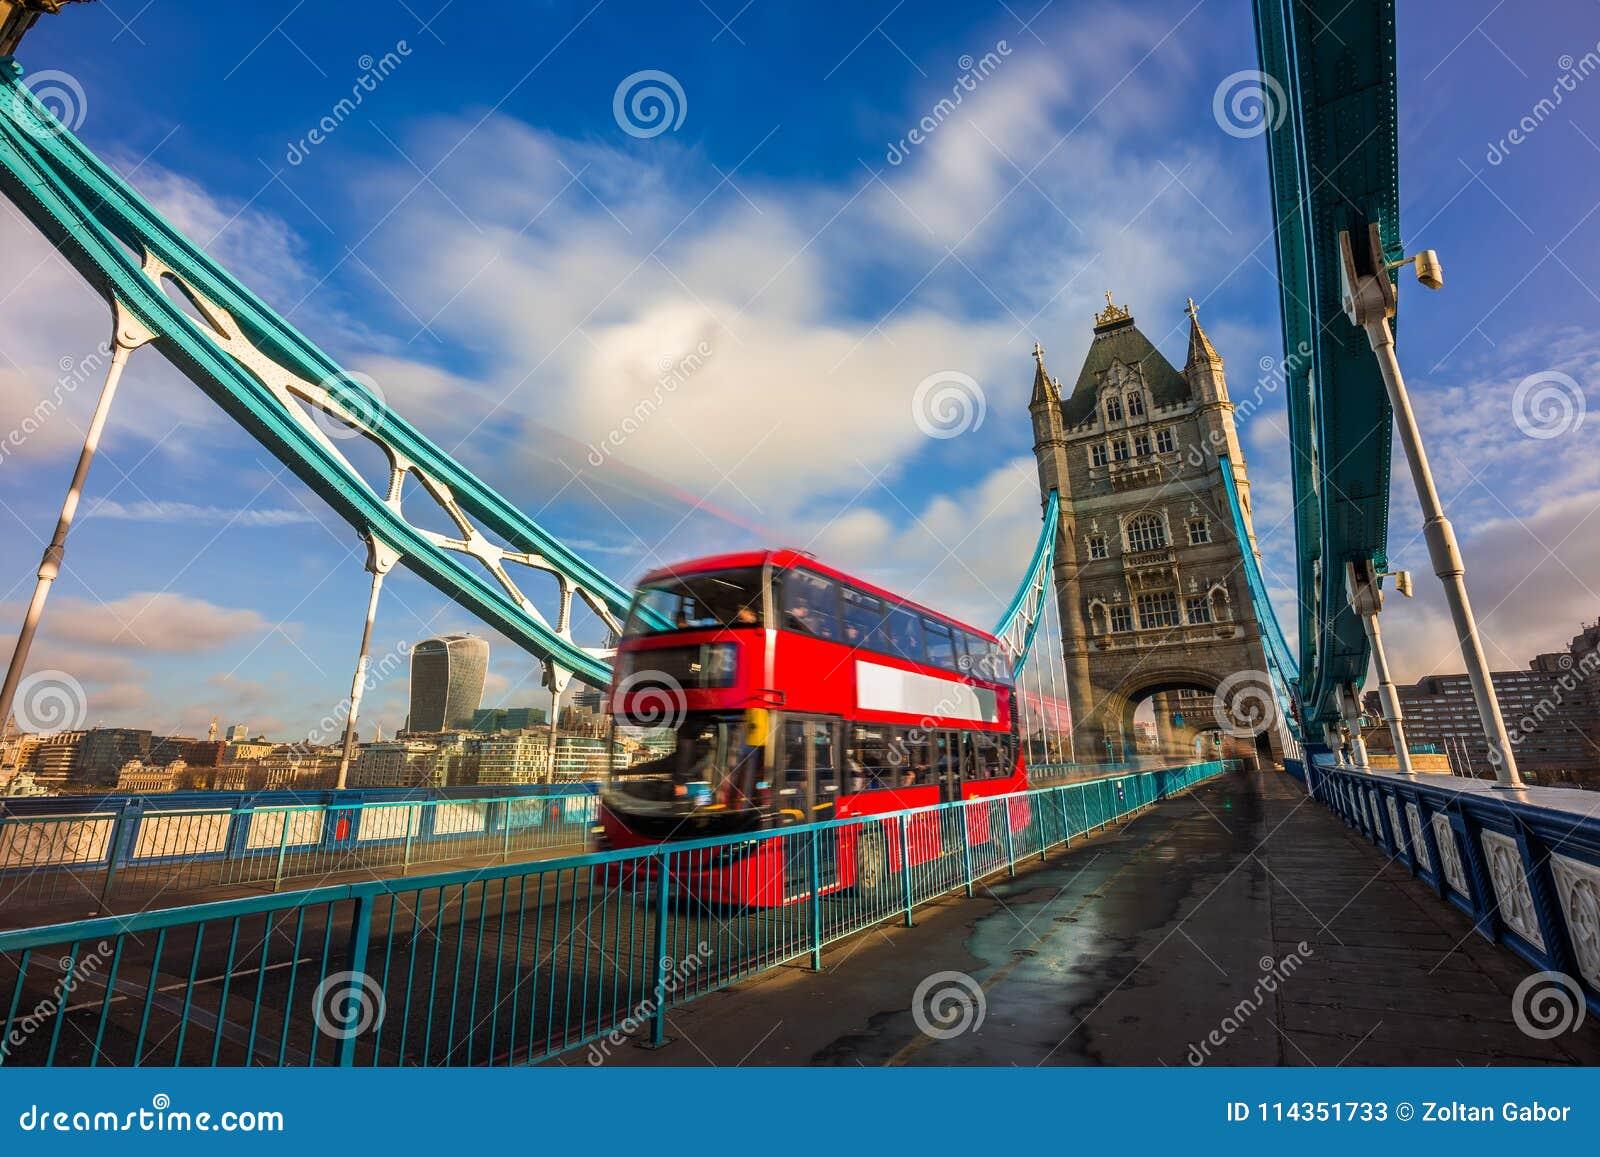 Londra, Inghilterra - autobus a due piani rosso iconico nel moto sul ponte famoso della torre